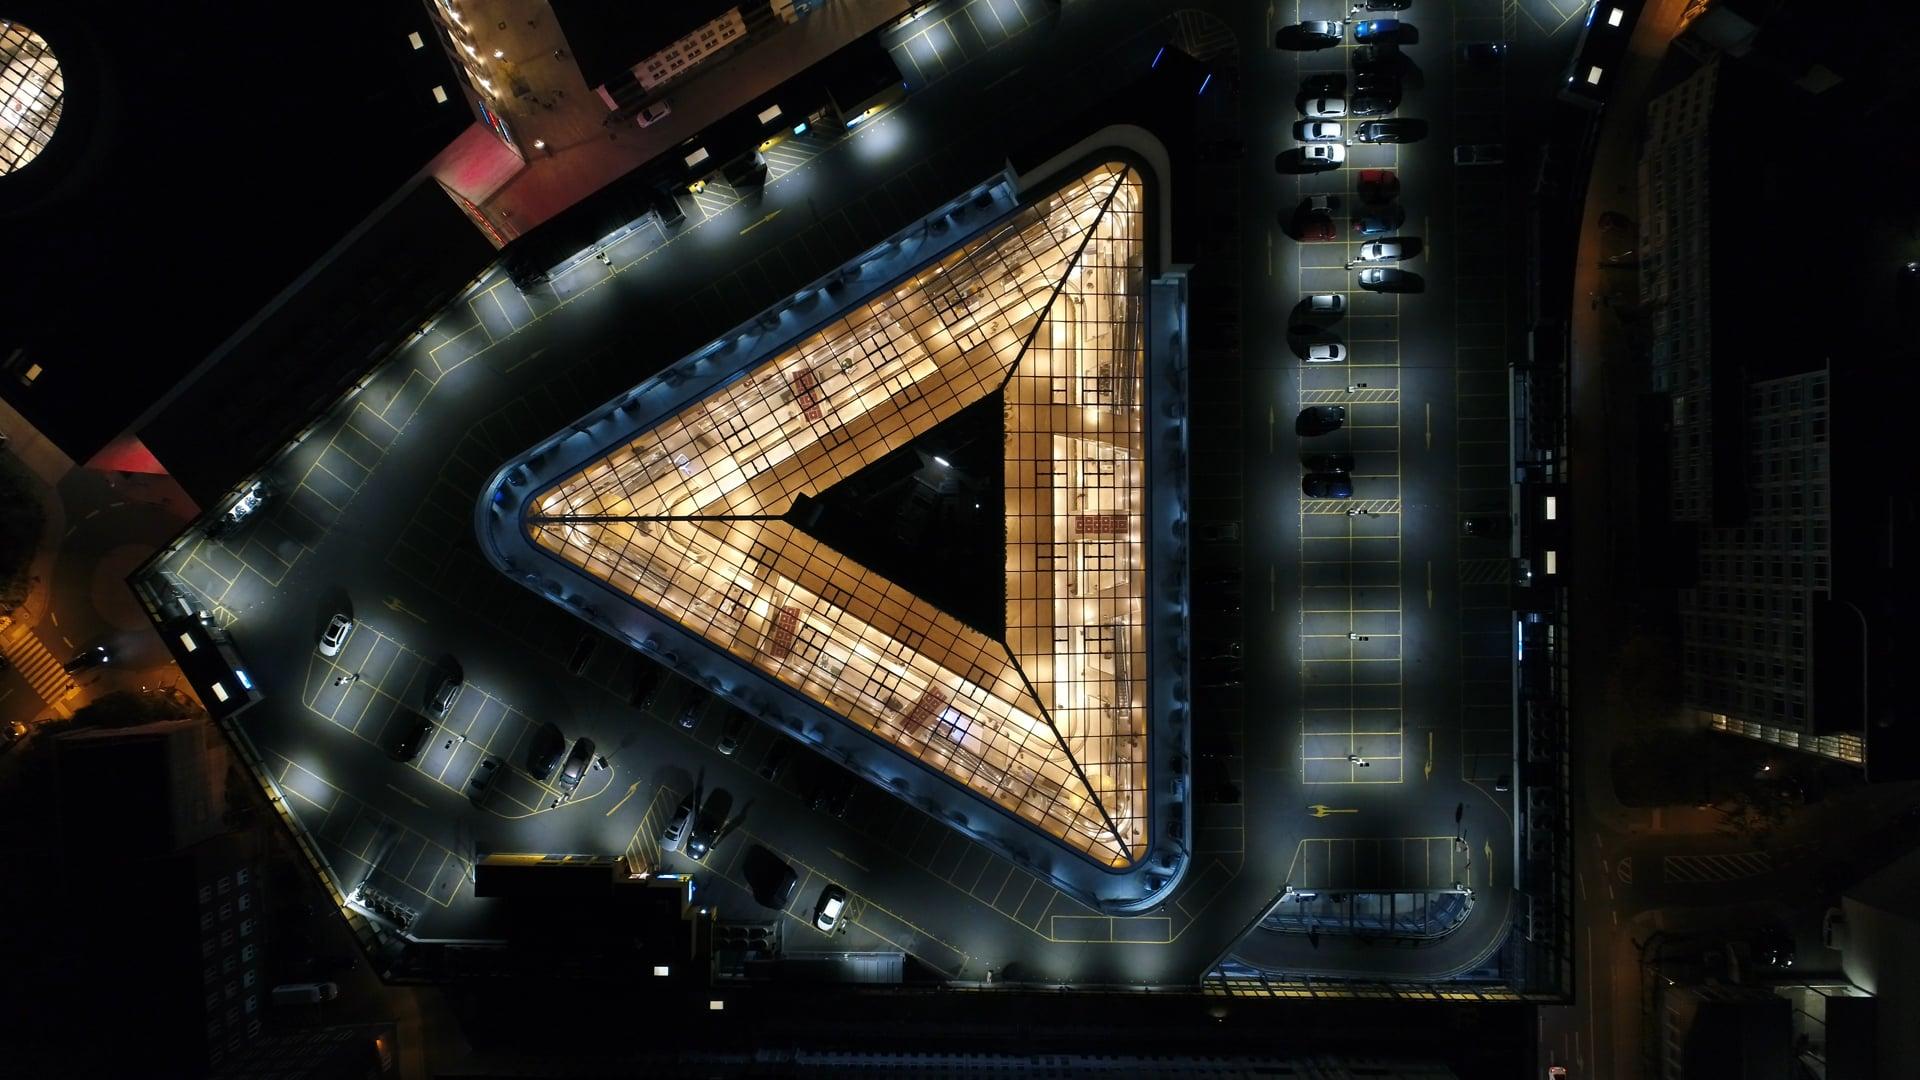 Thier-Galerie Dortmund by Night